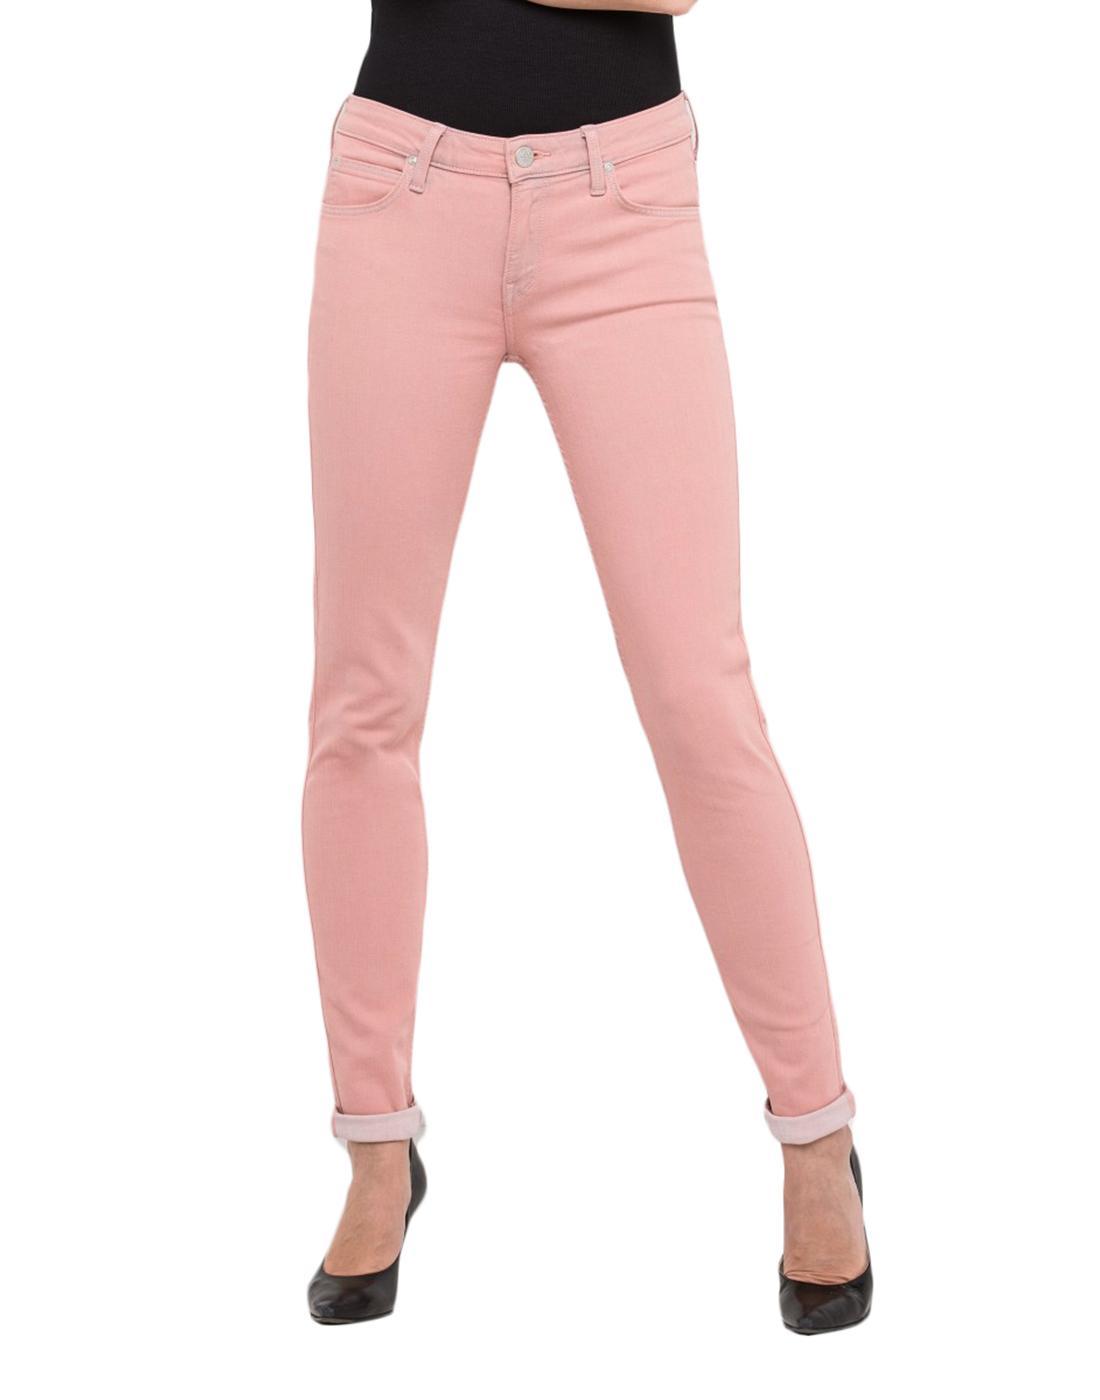 Scarlett LEE JEANS Womens Skinny Jeans in 80s Pink